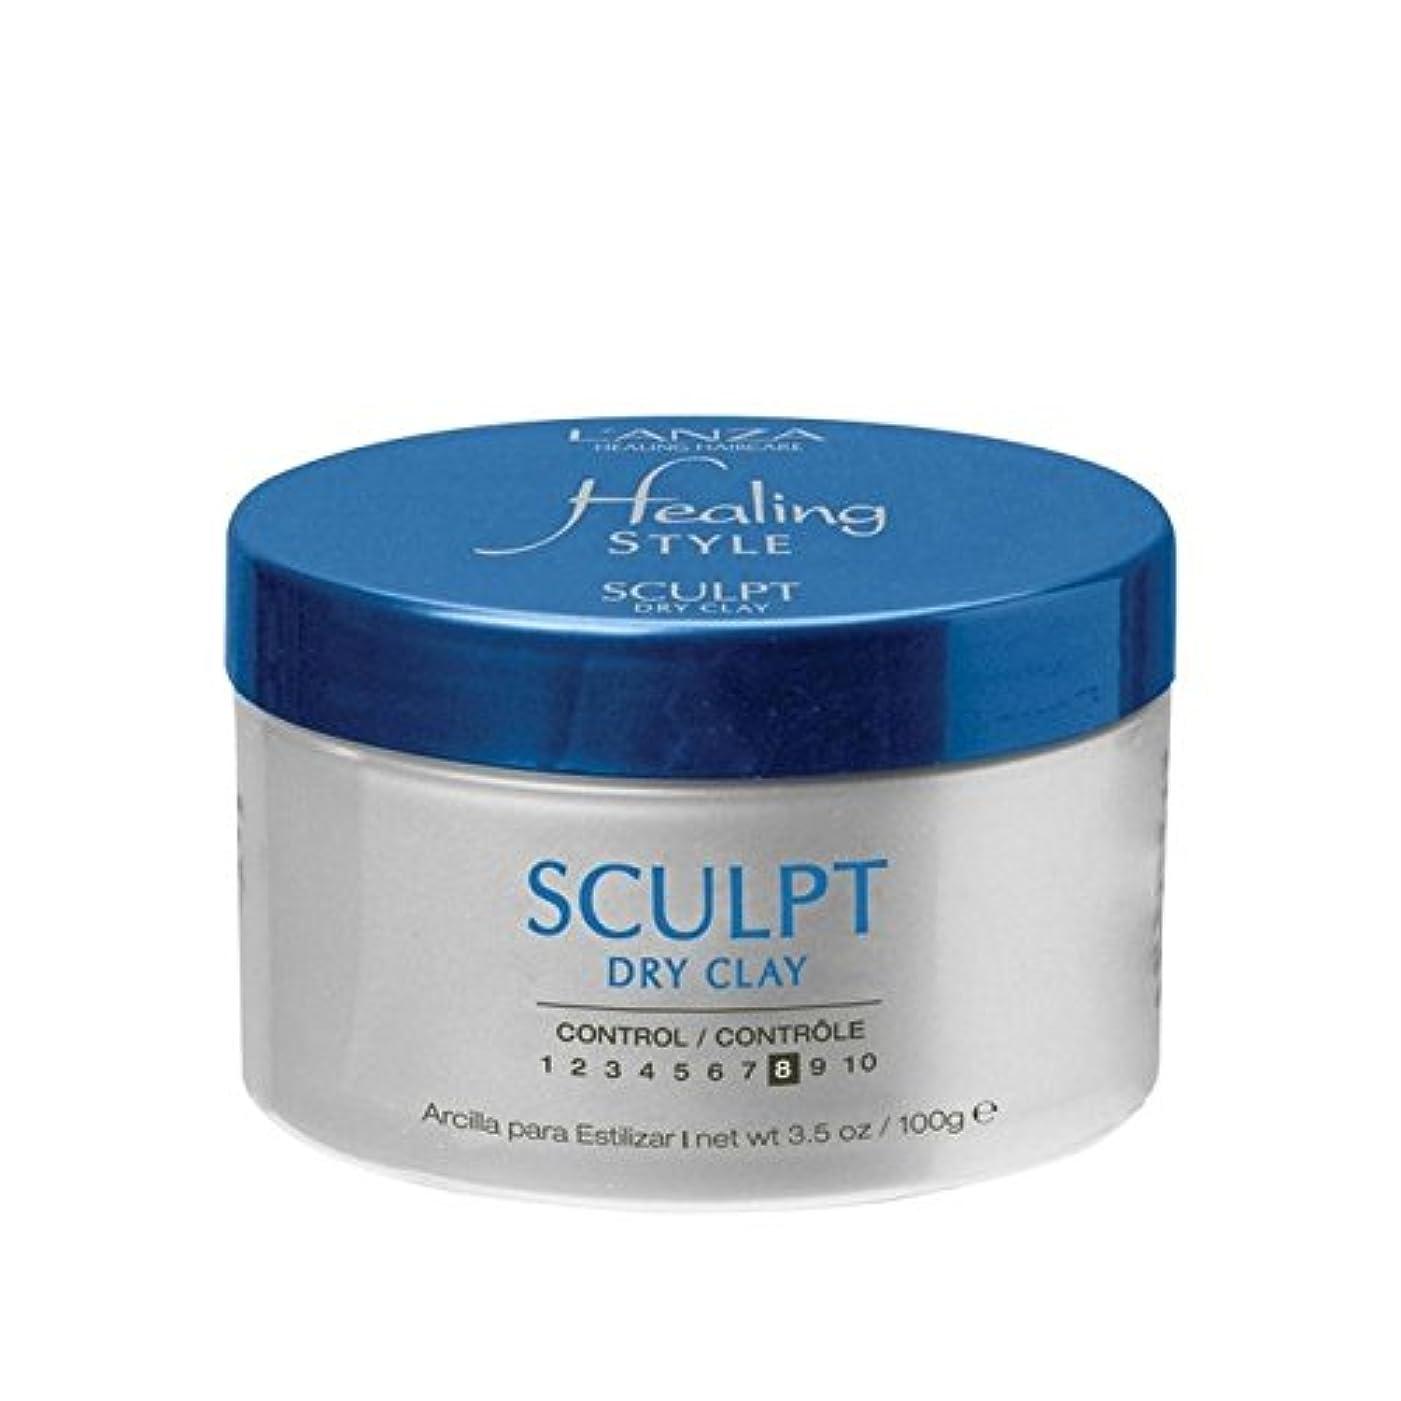 疼痛会話恨みのアンザ治癒スタイル乾燥粘土(100グラム)を彫刻 x4 - L'Anza Healing Style Sculpt Dry Clay (100G) (Pack of 4) [並行輸入品]